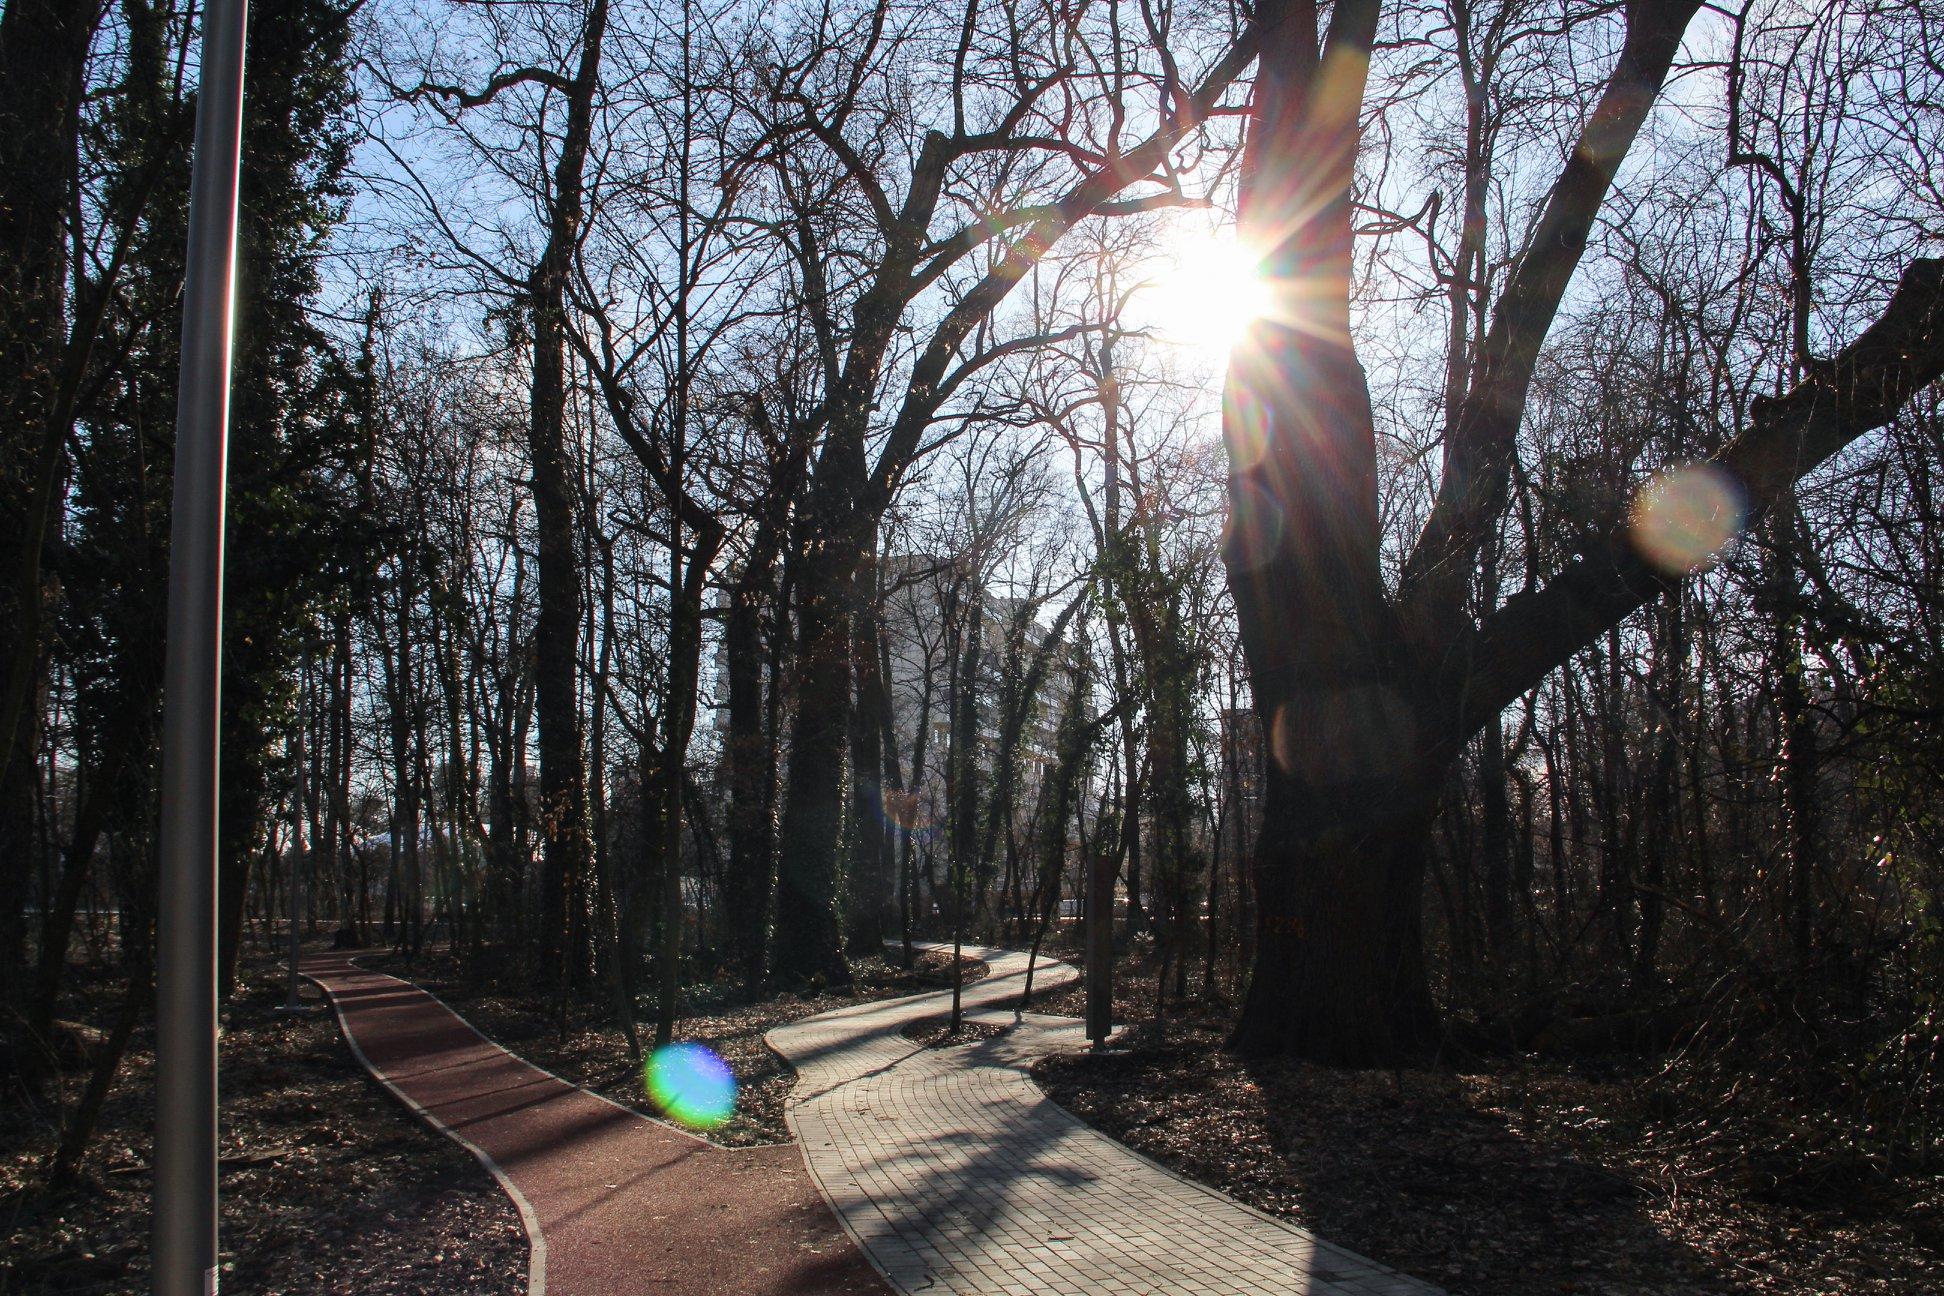 tavasz liget időjárás napsütés fák futókör rekortán